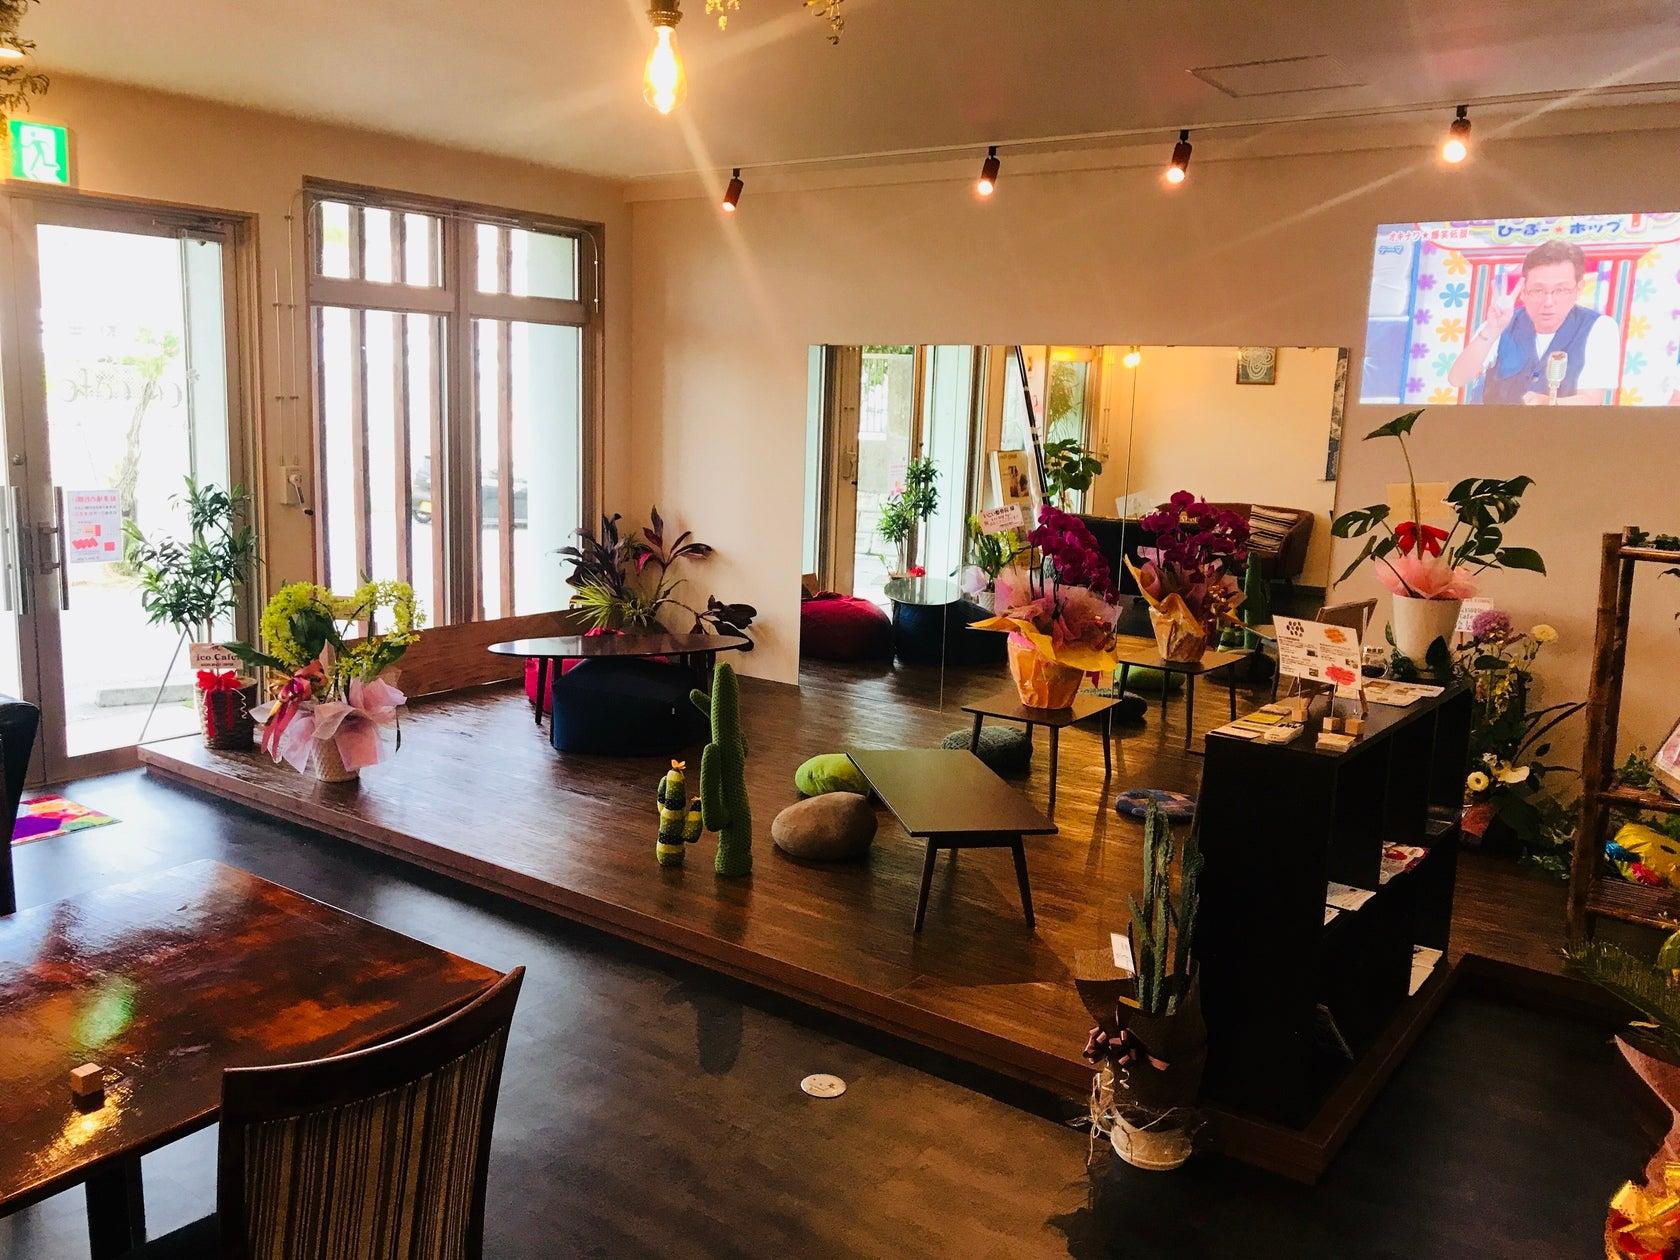 【南城市大里】利便性の良いオシャレカフェ空間。カフェ営業中のコラボワークショップも実施しています♪(【南城市大里】利便性の良いオシャレカフェ空間。カフェ営業中のコラボワークショップも実施しています♪) の写真0